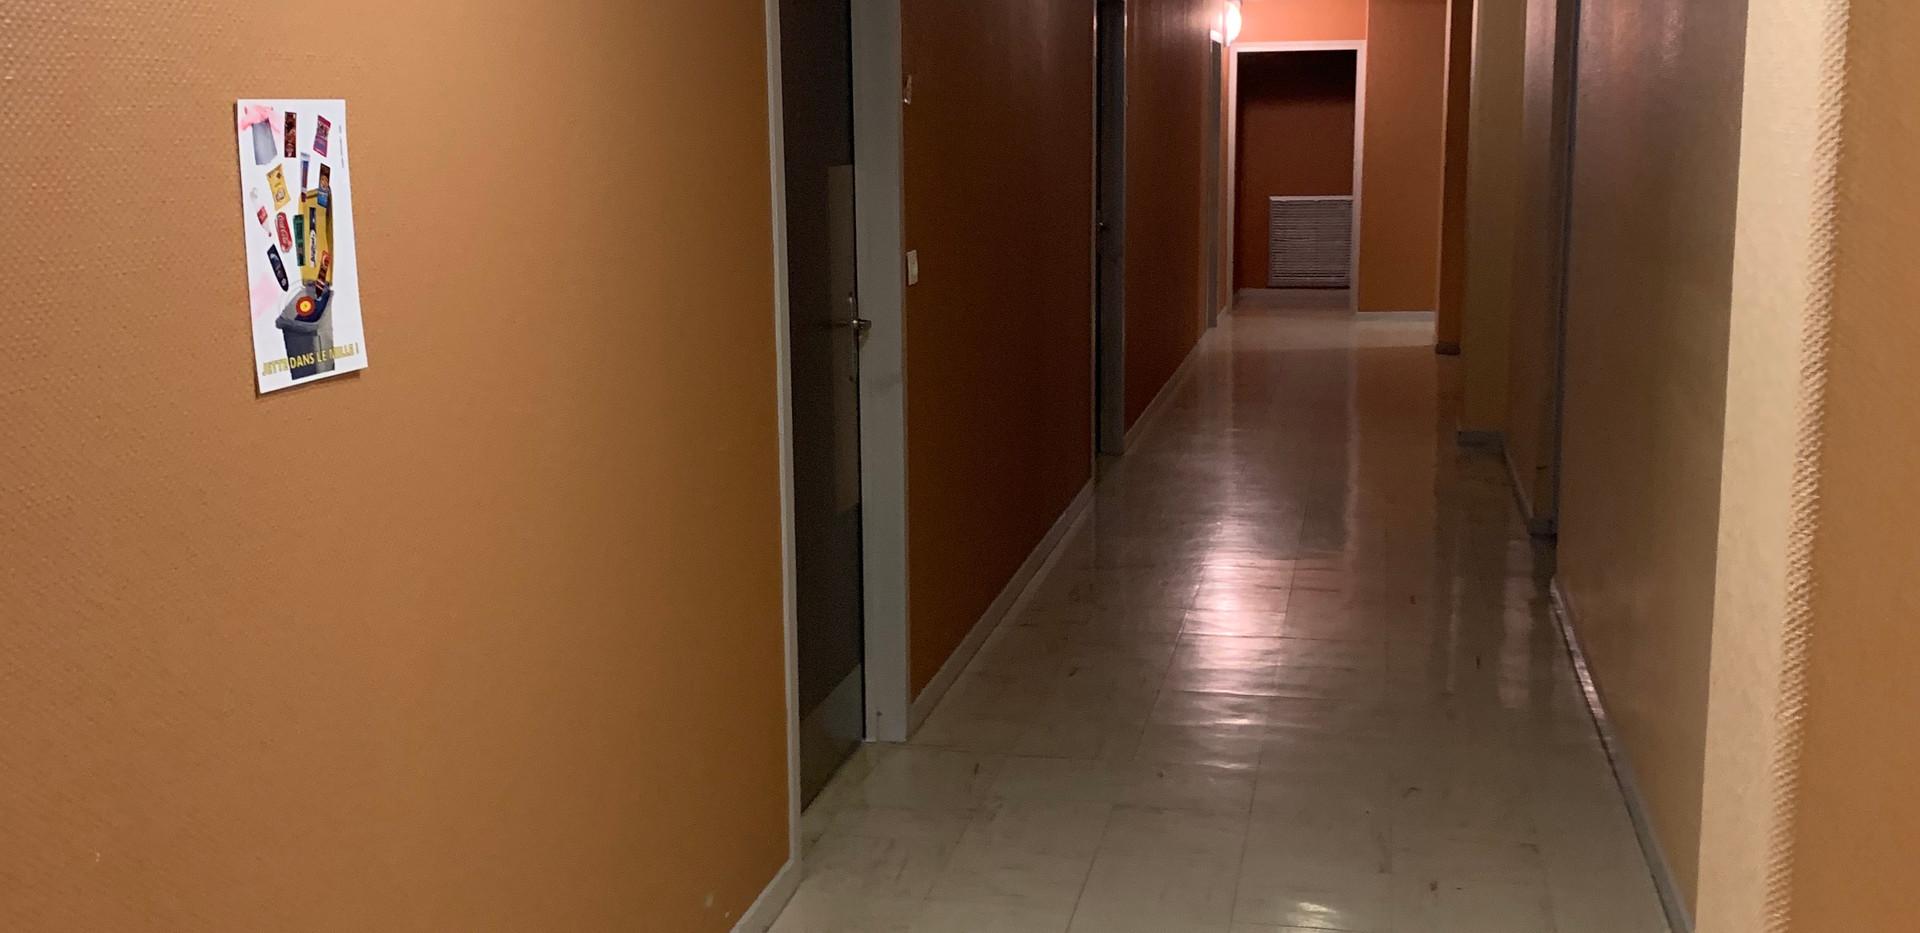 Couloir internats 1-2